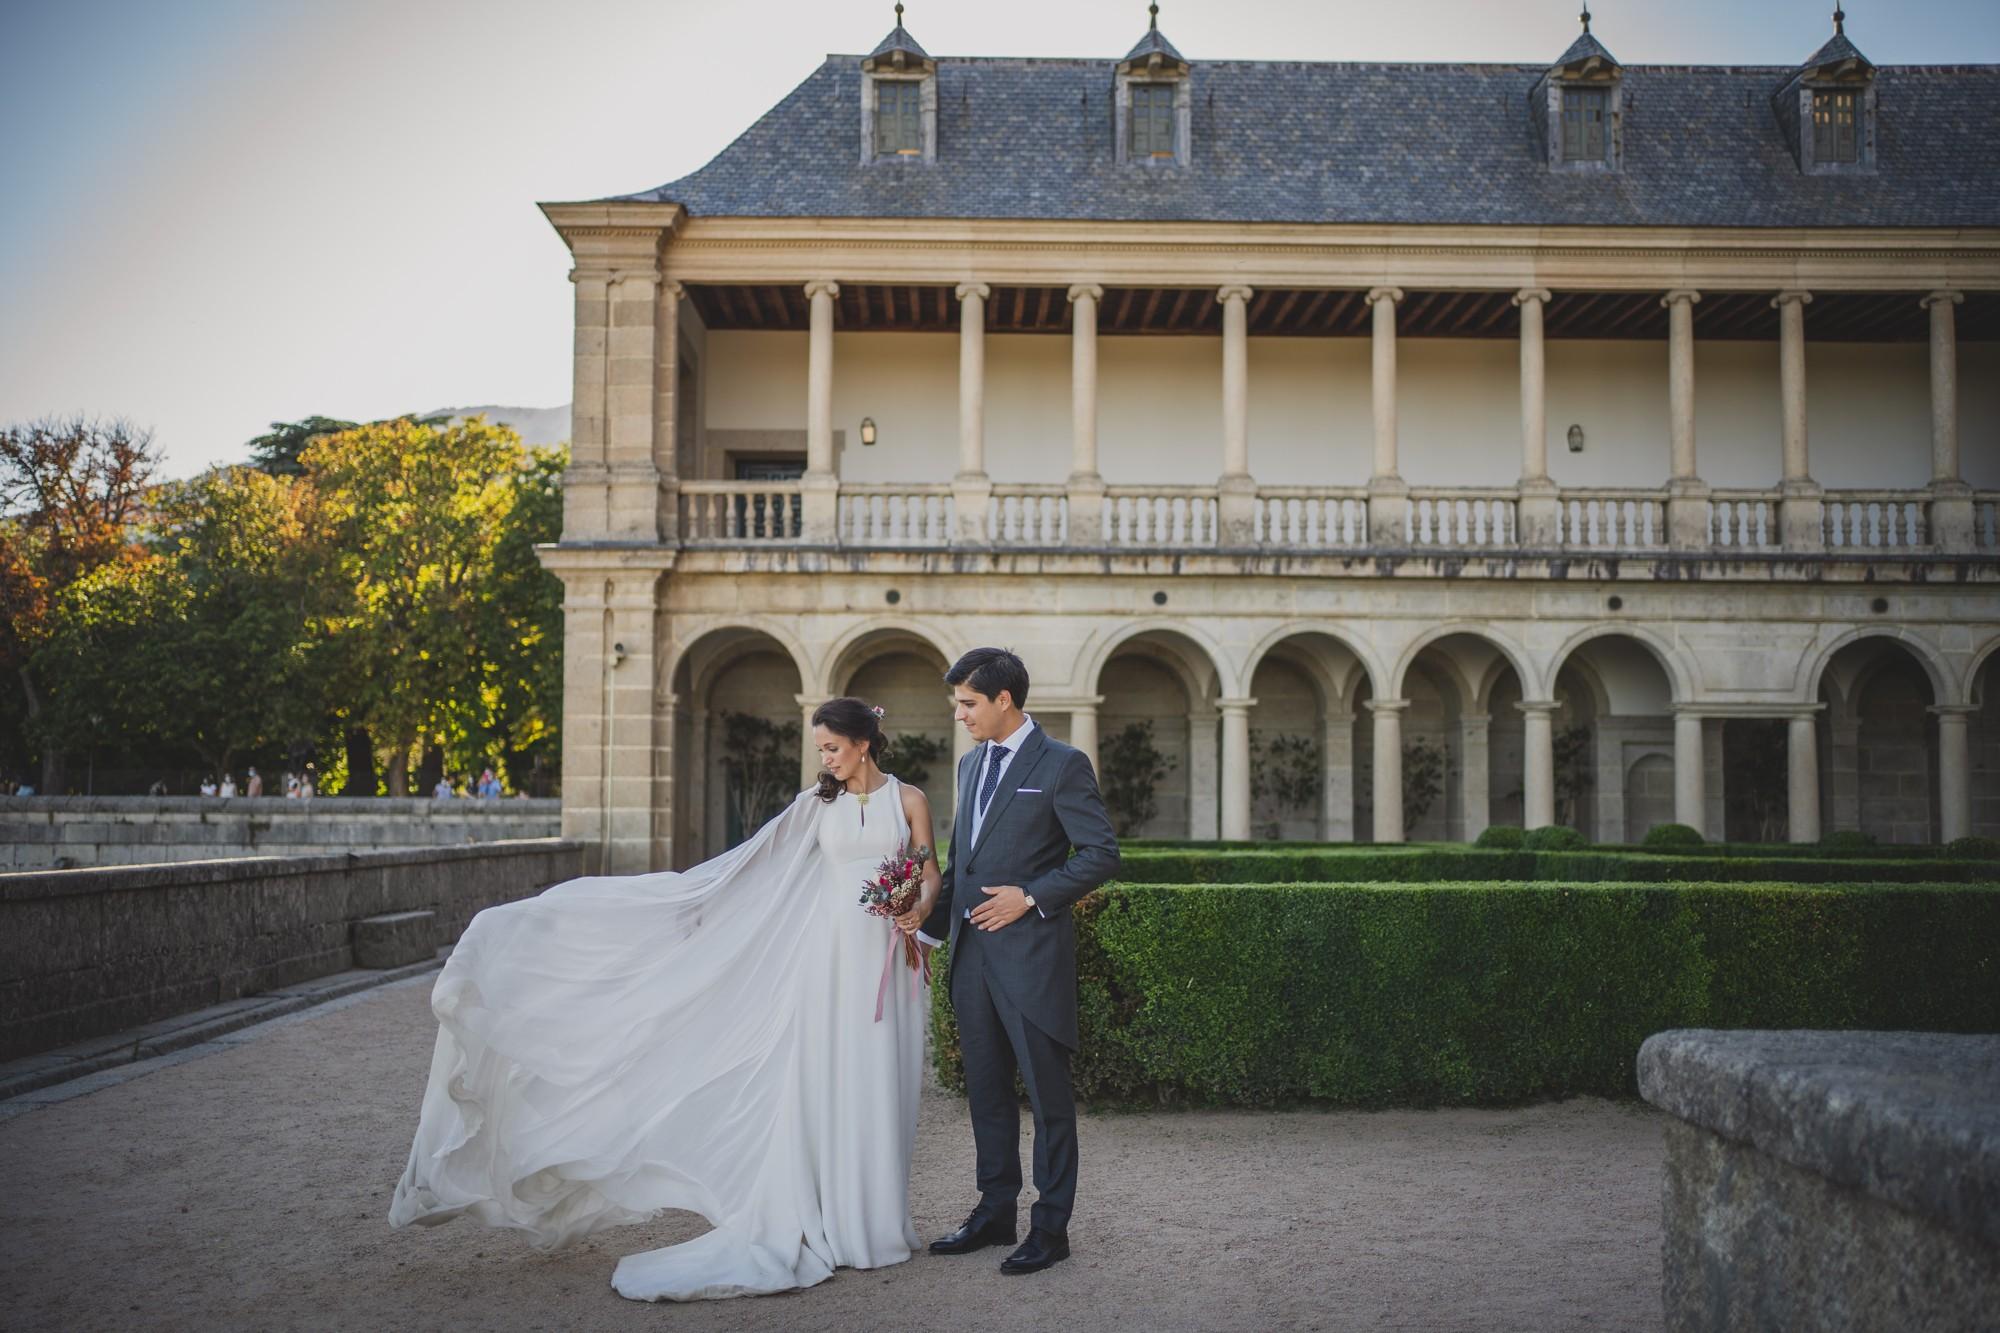 fotografos-boda-los-arcos-de-fuentepizarro-3884